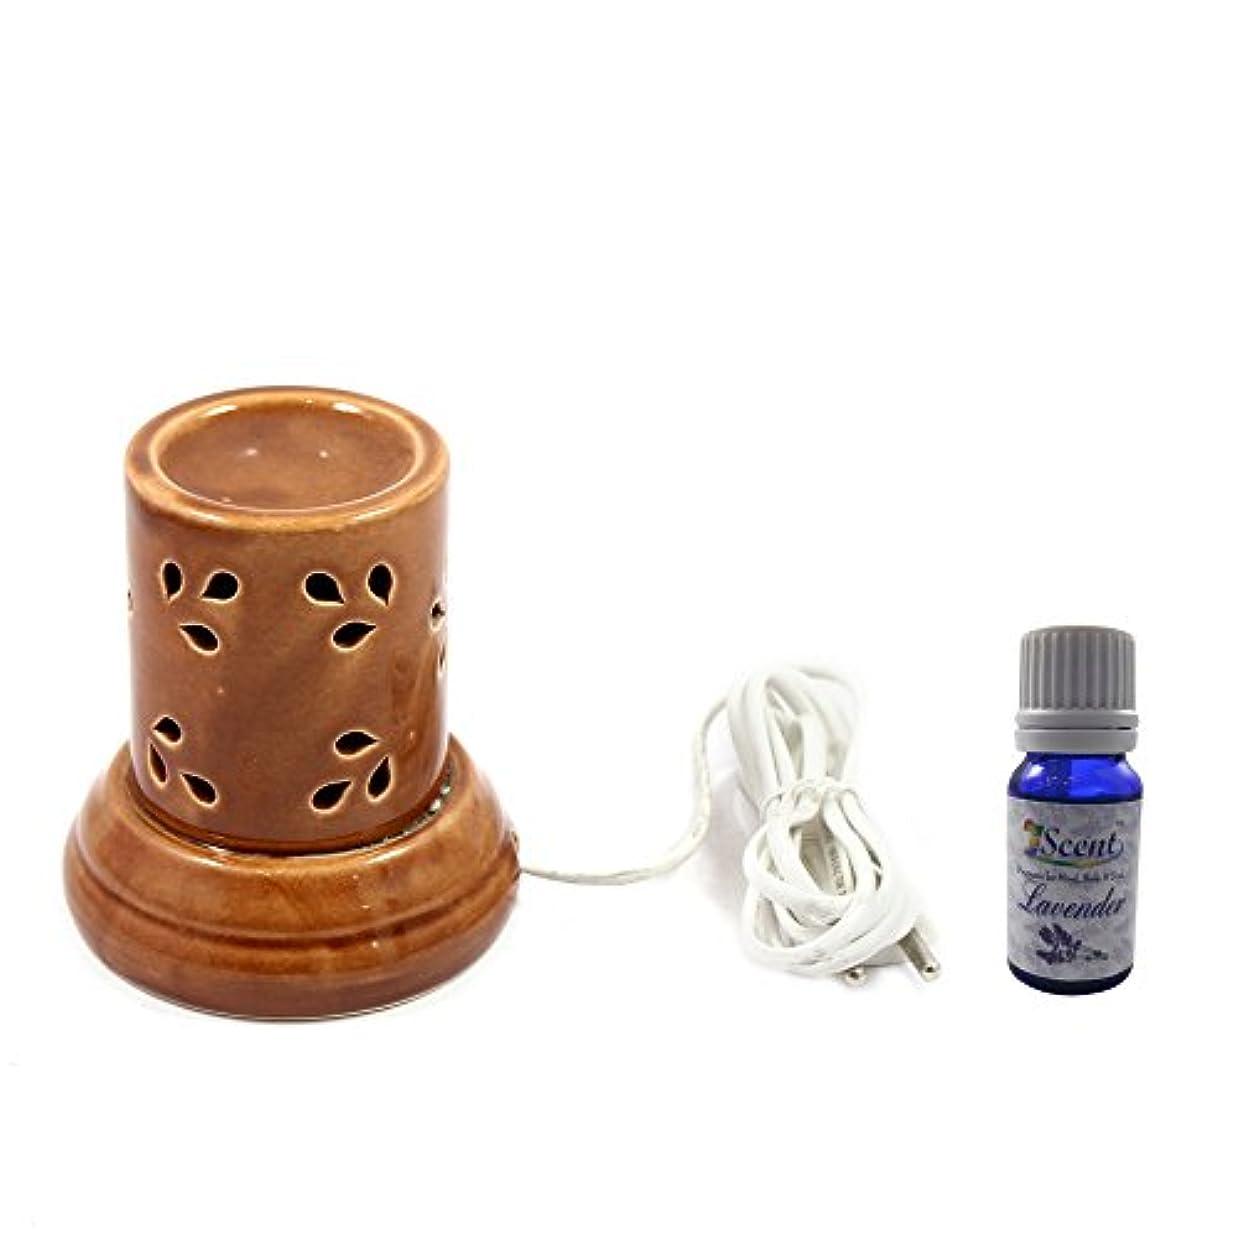 ビデオあいさつニュージーランド家の装飾定期的に使用する汚染フリーハンドメイドセラミック民族のエレクトリックアロマディフューザーオイルバーナーロータスフレグランスオイルと|良質ブラウン色電気アロマテラピー香油暖かい数量1